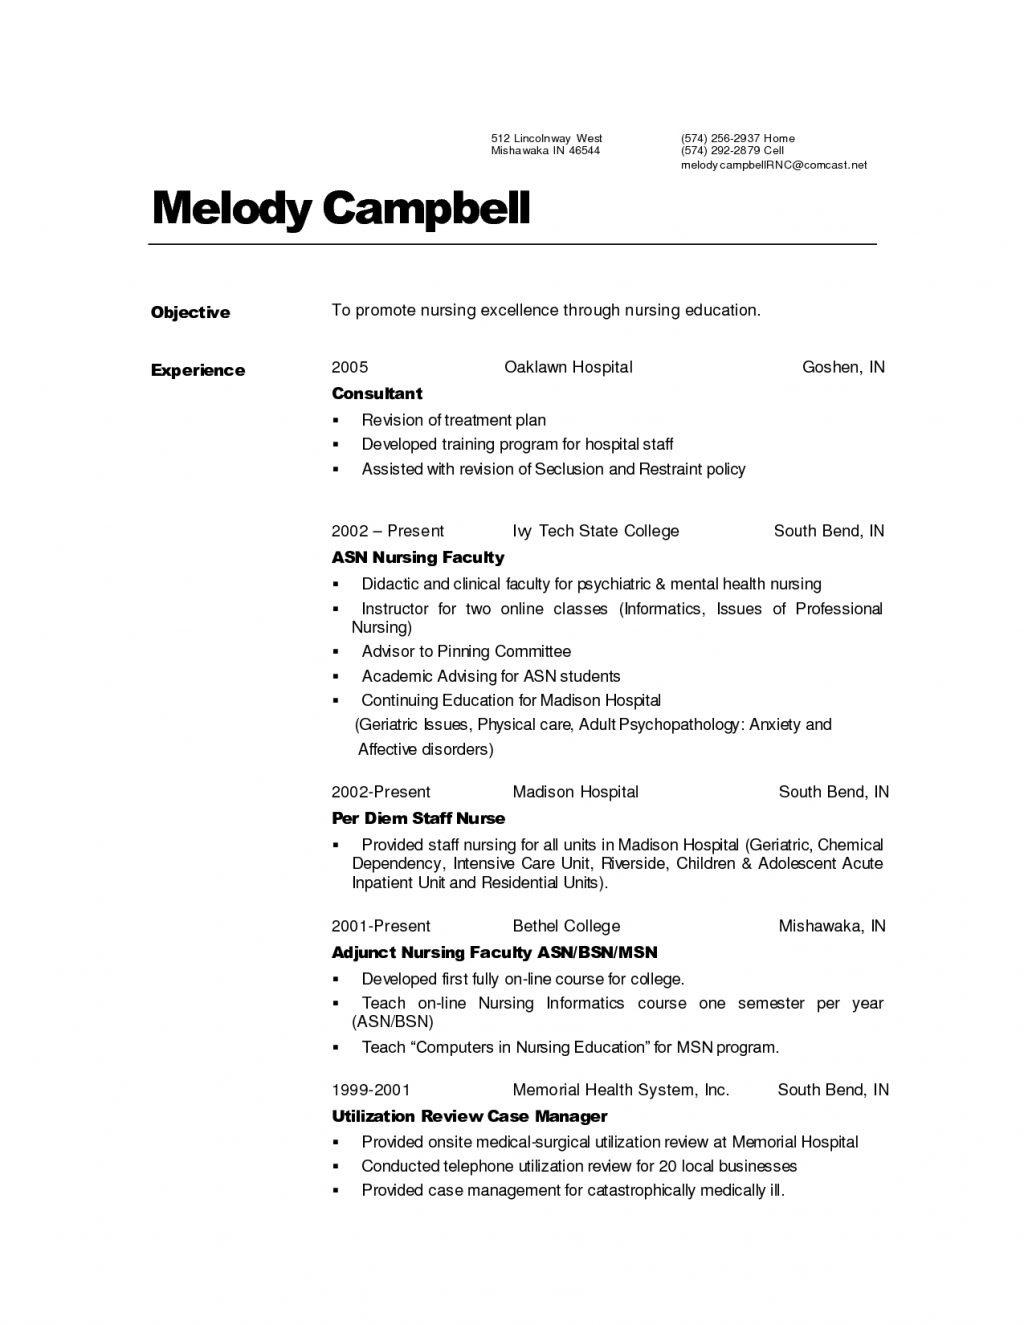 Nurse Resume Templates Med Surg Registered Nurse Resume Sample Example Examples Medical For